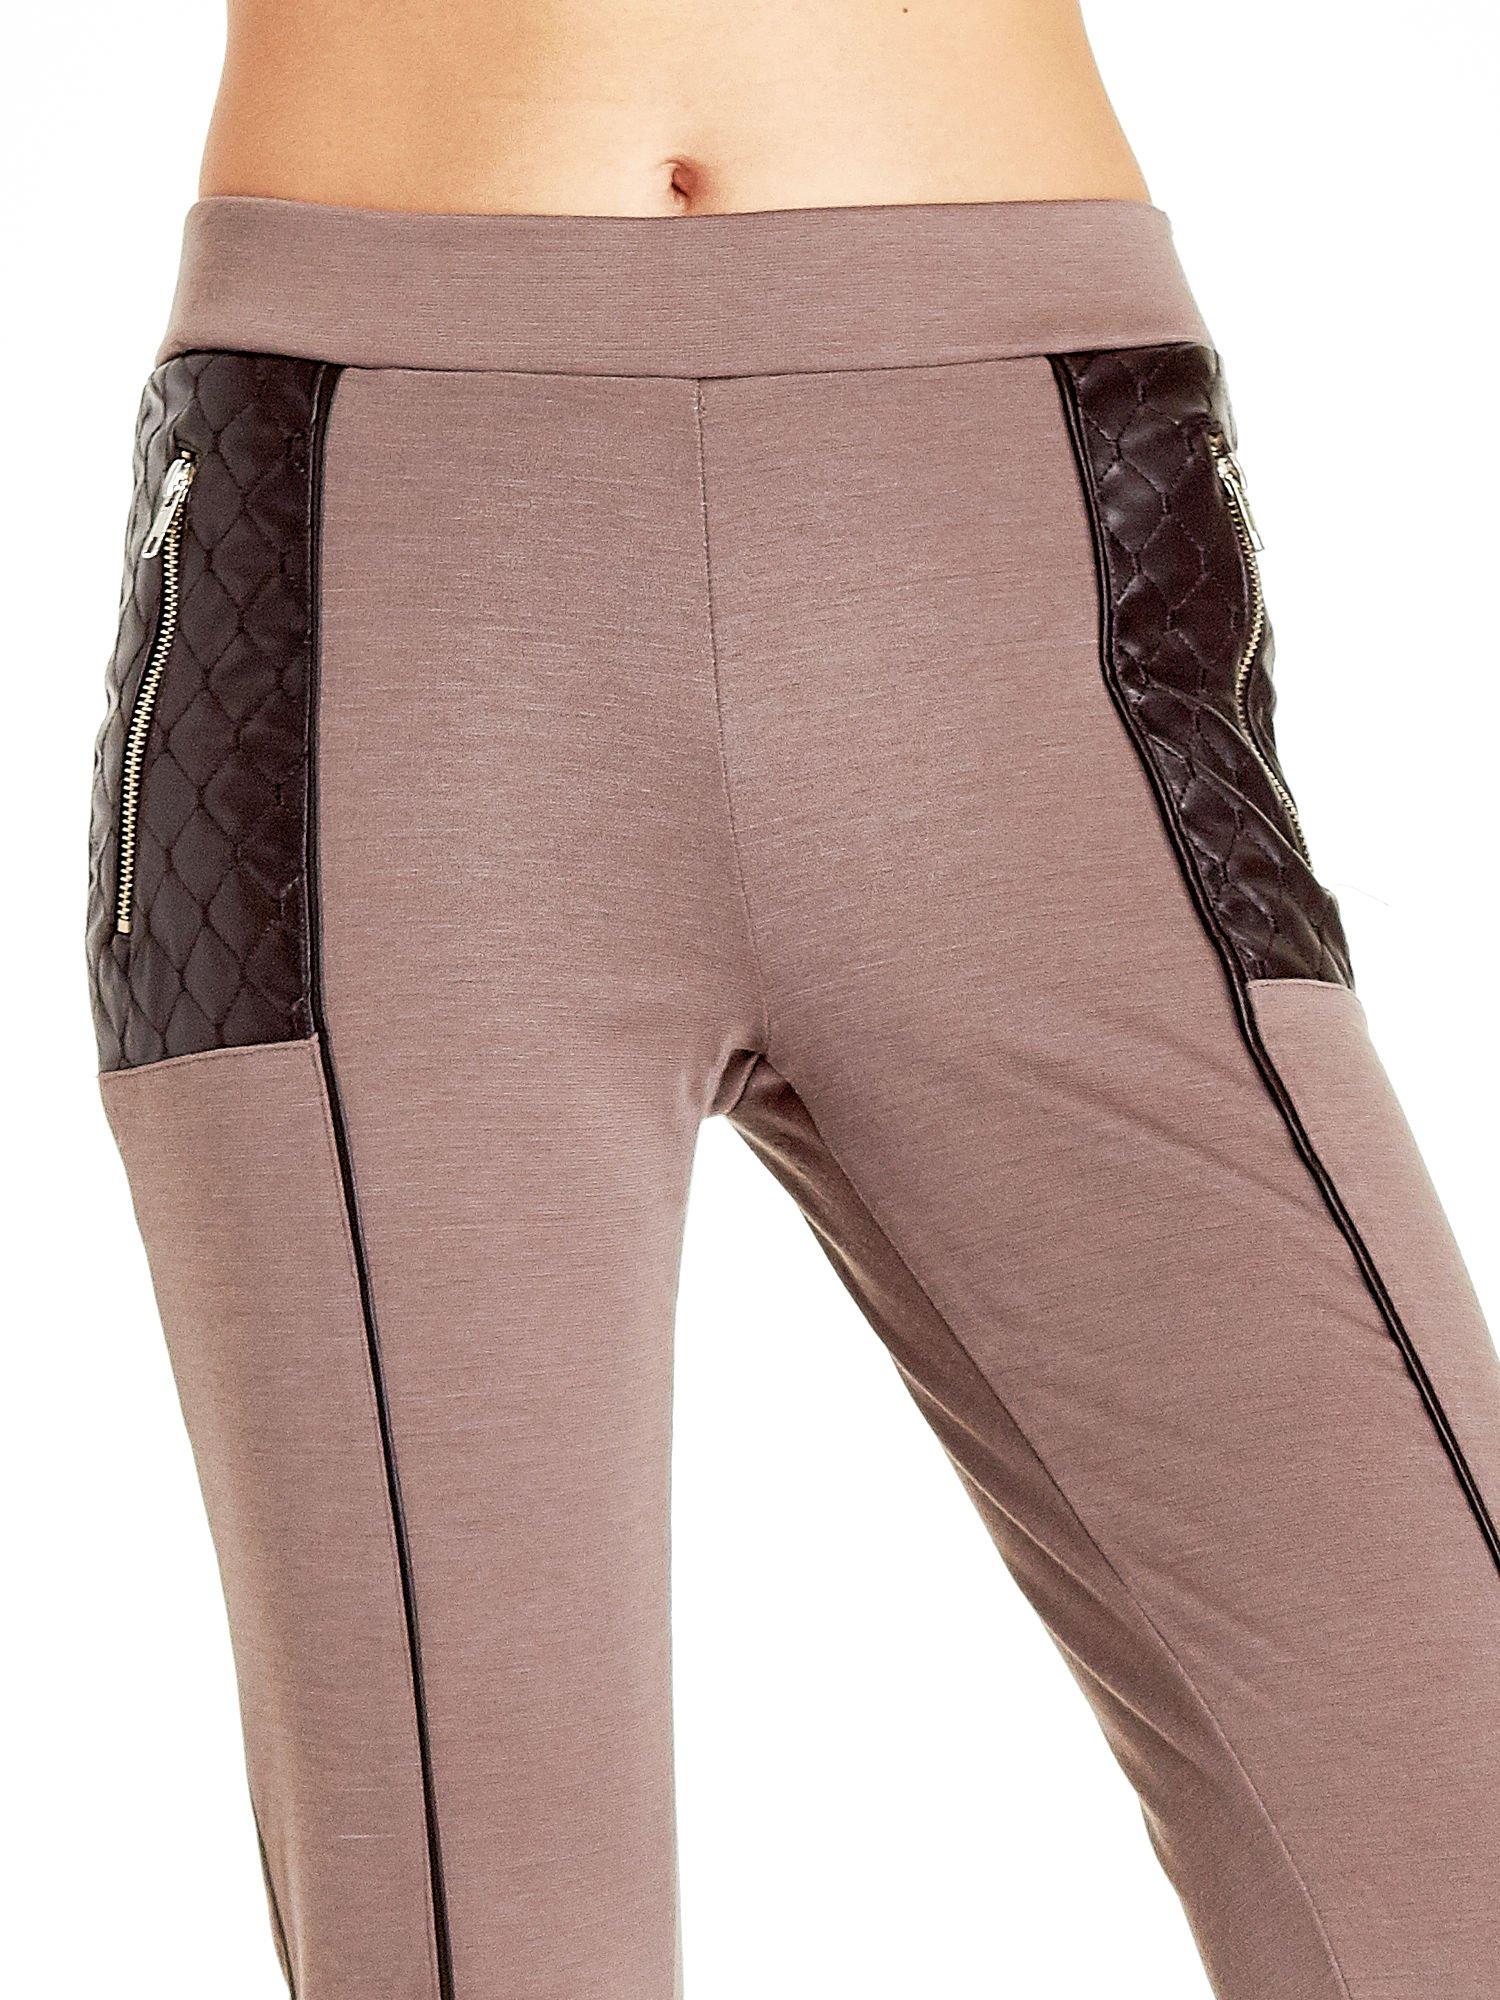 Brązowe spodnie w stylu motocyklowym ze skórzanymi wstawkami i suwakami                                  zdj.                                  4